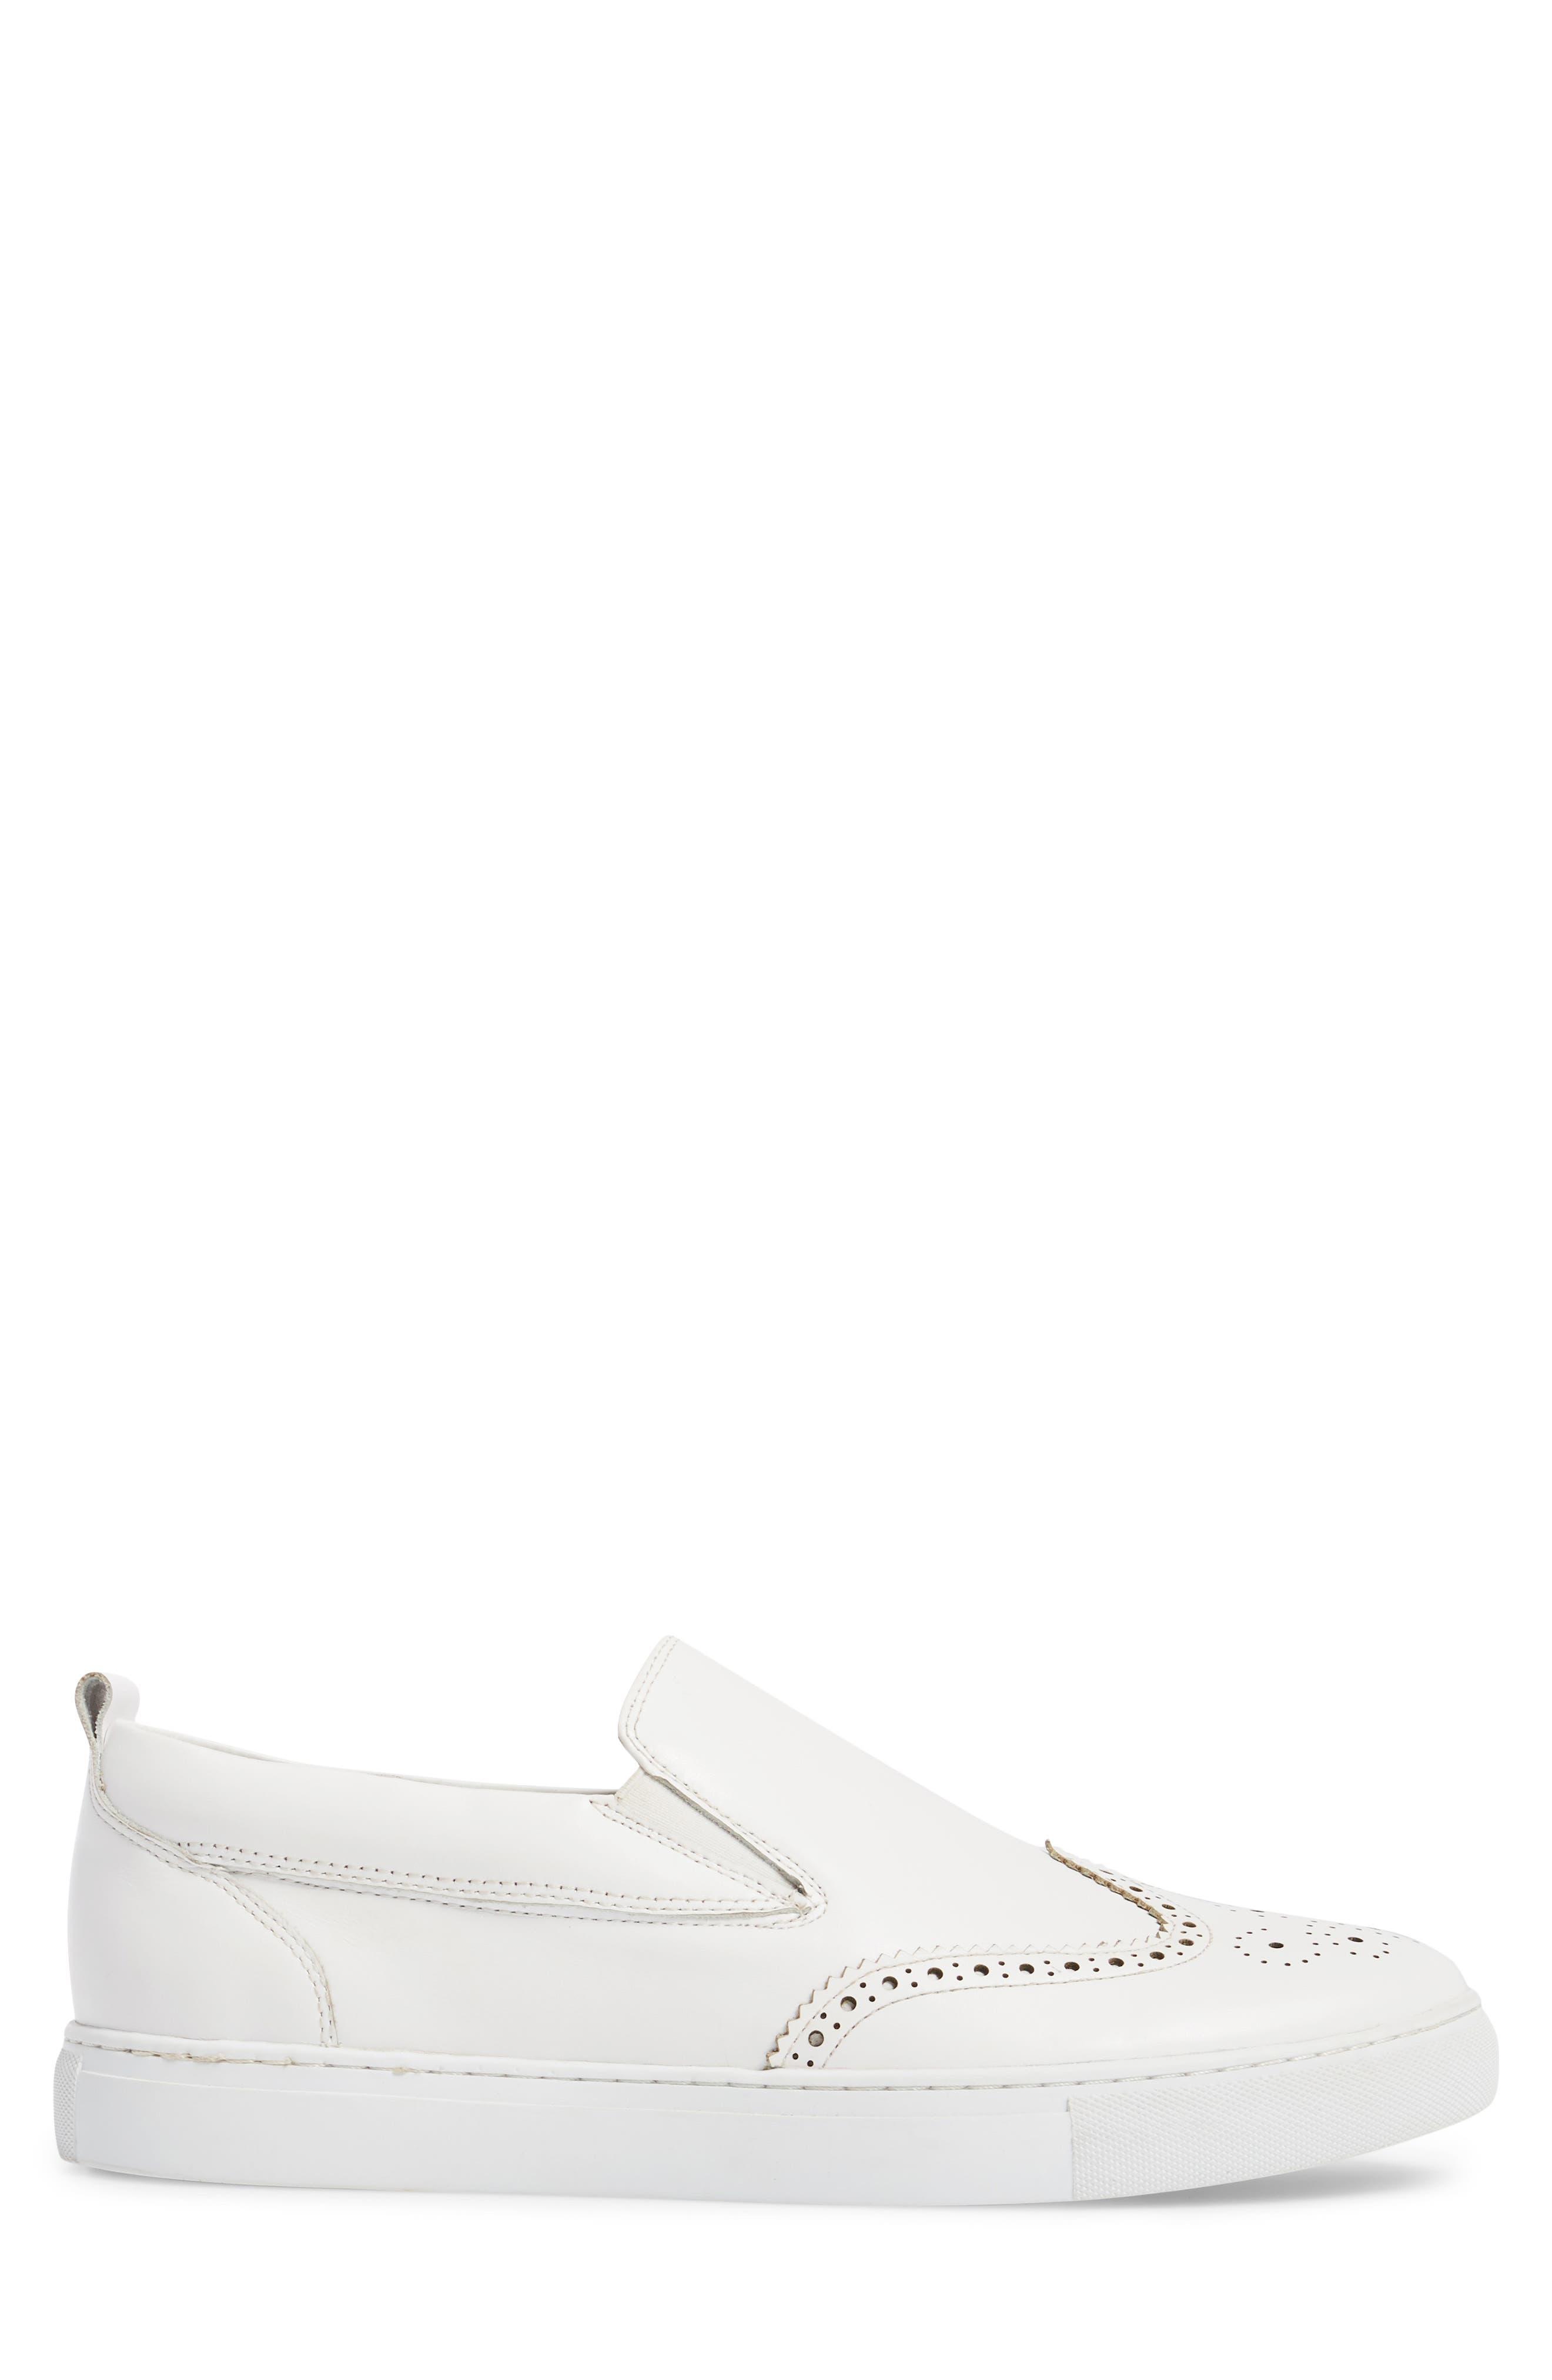 Ali Wingtip Slip-On Sneaker,                             Alternate thumbnail 3, color,                             White Leather